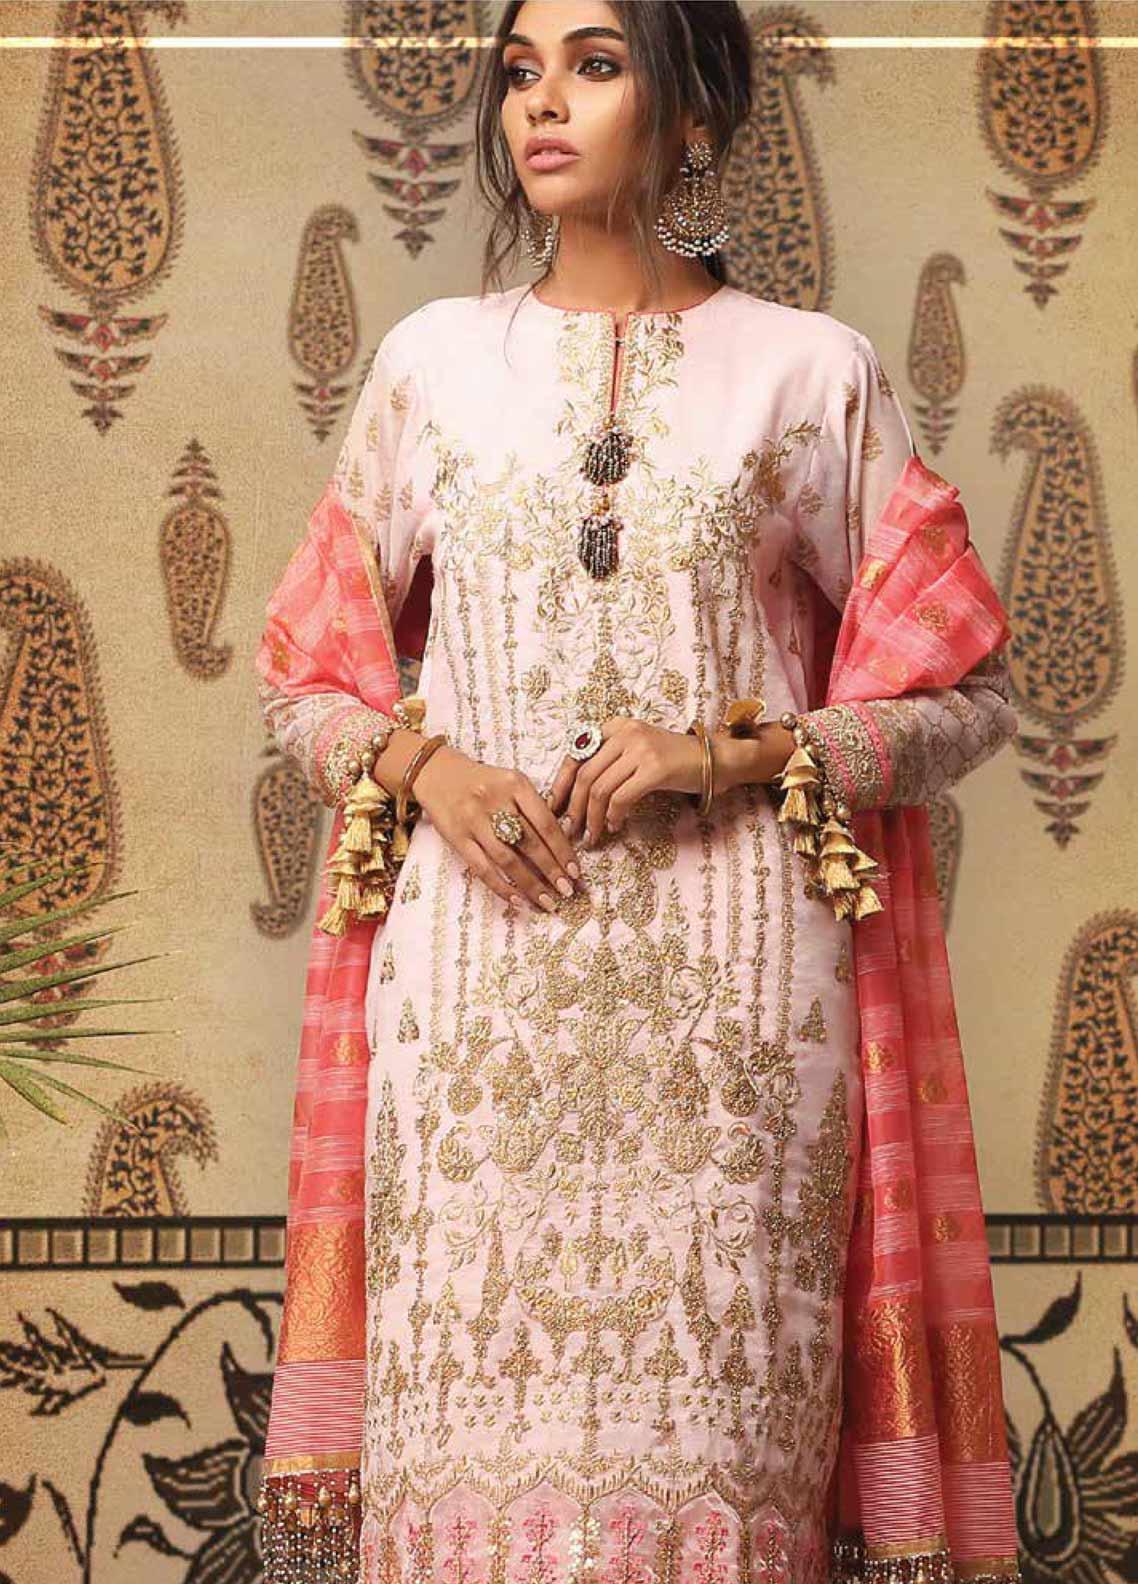 Al Karam Embroidered Cotton Net Unstitched 3 Piece Suit AK19-F2 7D Pink - Festive Collection